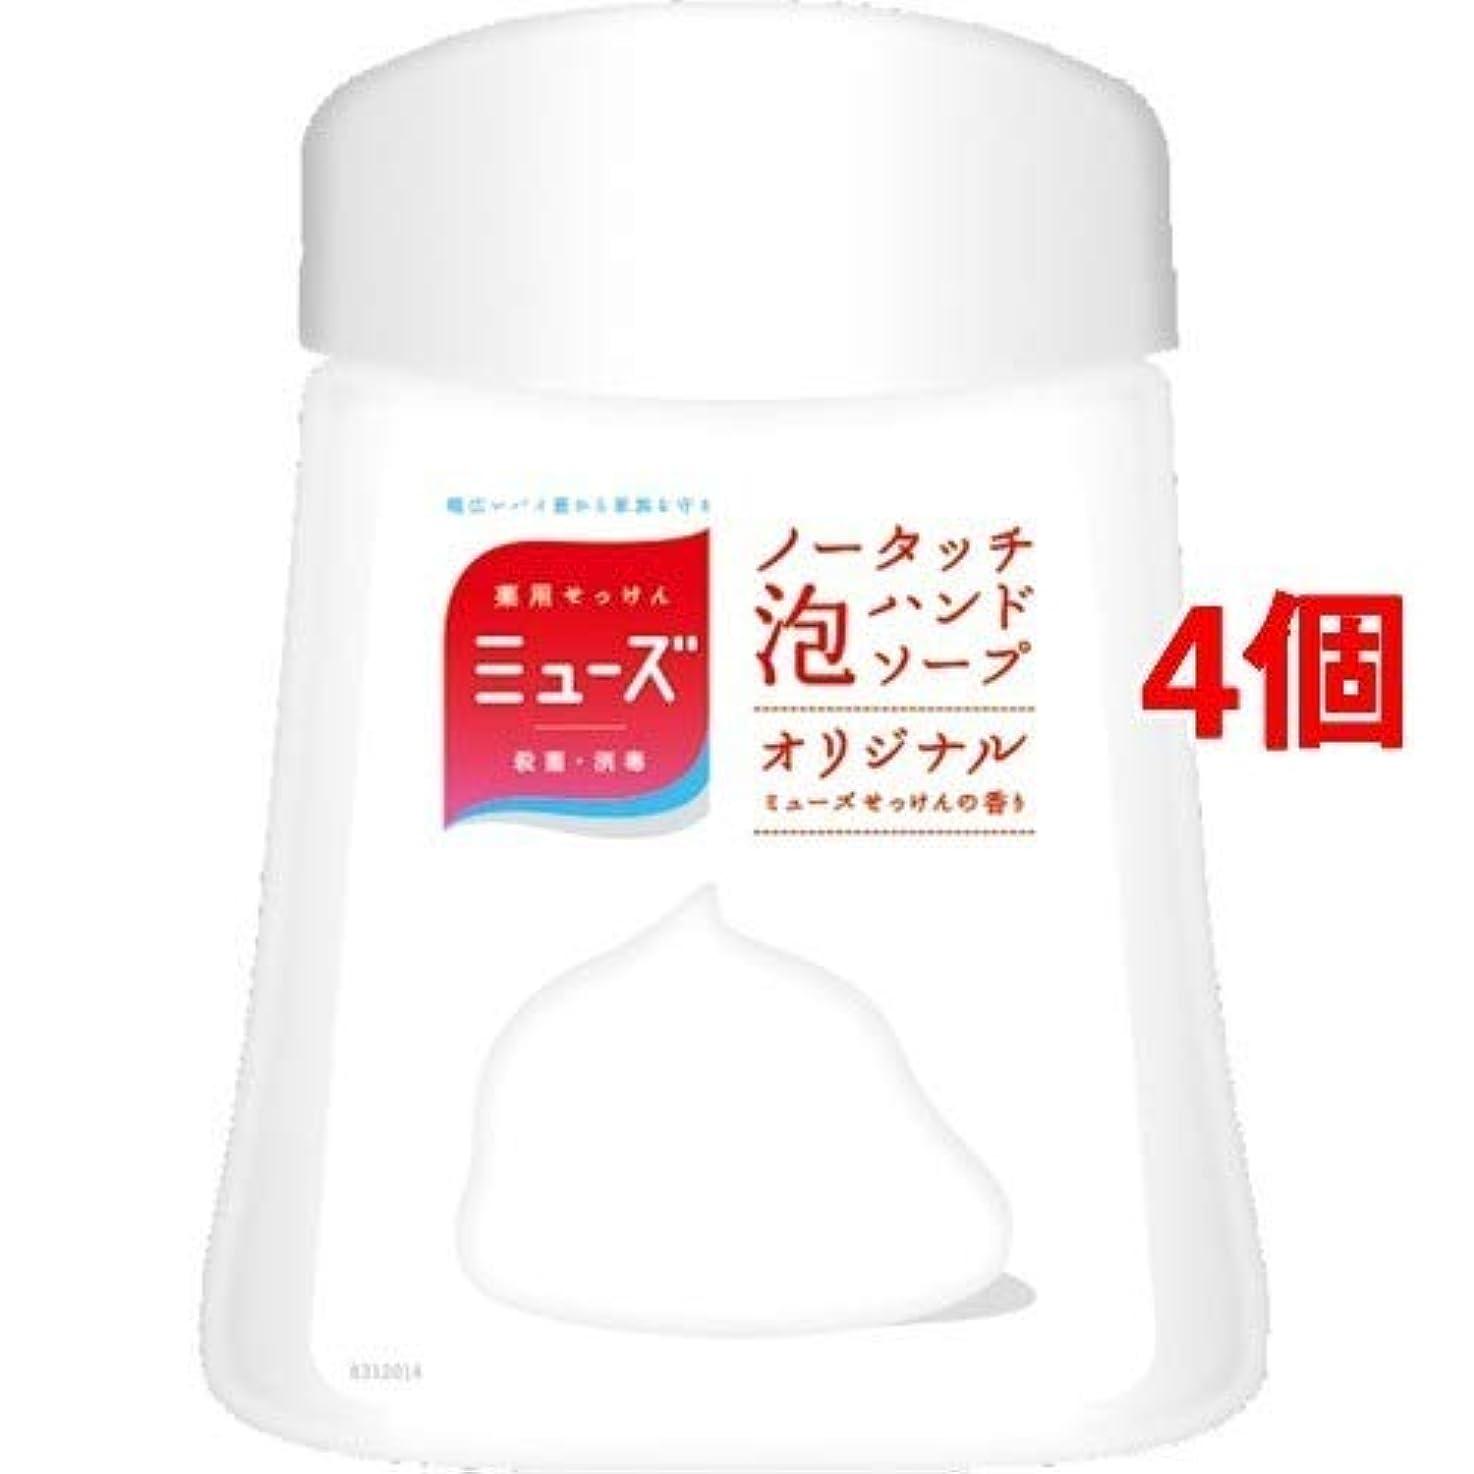 ふざけたアイデア未払いミューズ ノータッチ泡ハンドソープ 詰替え ボトル オリジナル(250mL*4コセット) 日用品 洗面?バス用品 ハンドソープ [並行輸入品] k1-12480-ah